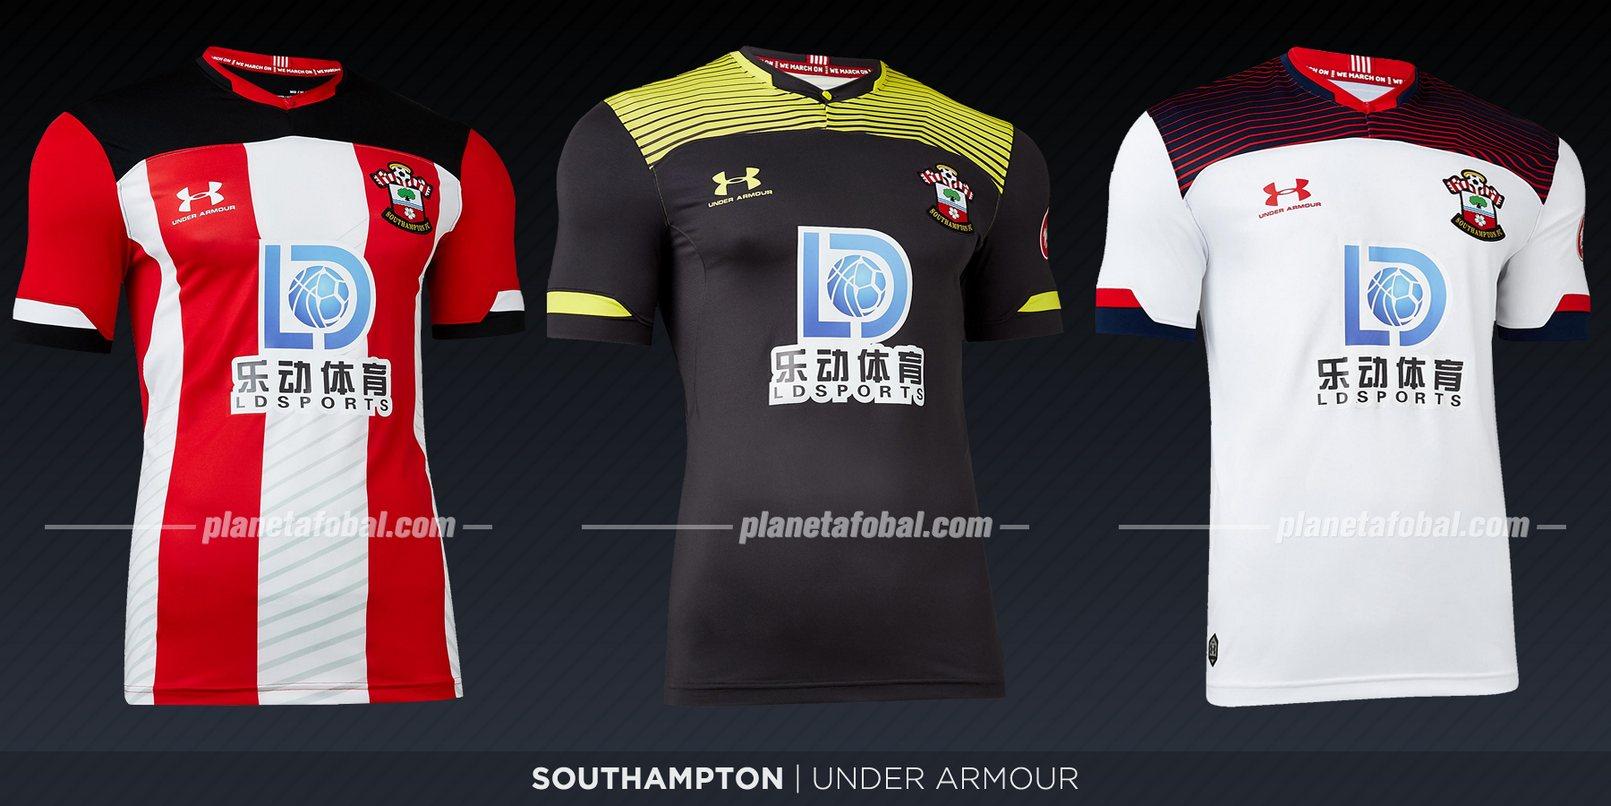 Southampton (Under Armour) | Camisetas de la Premier League 2019-2020